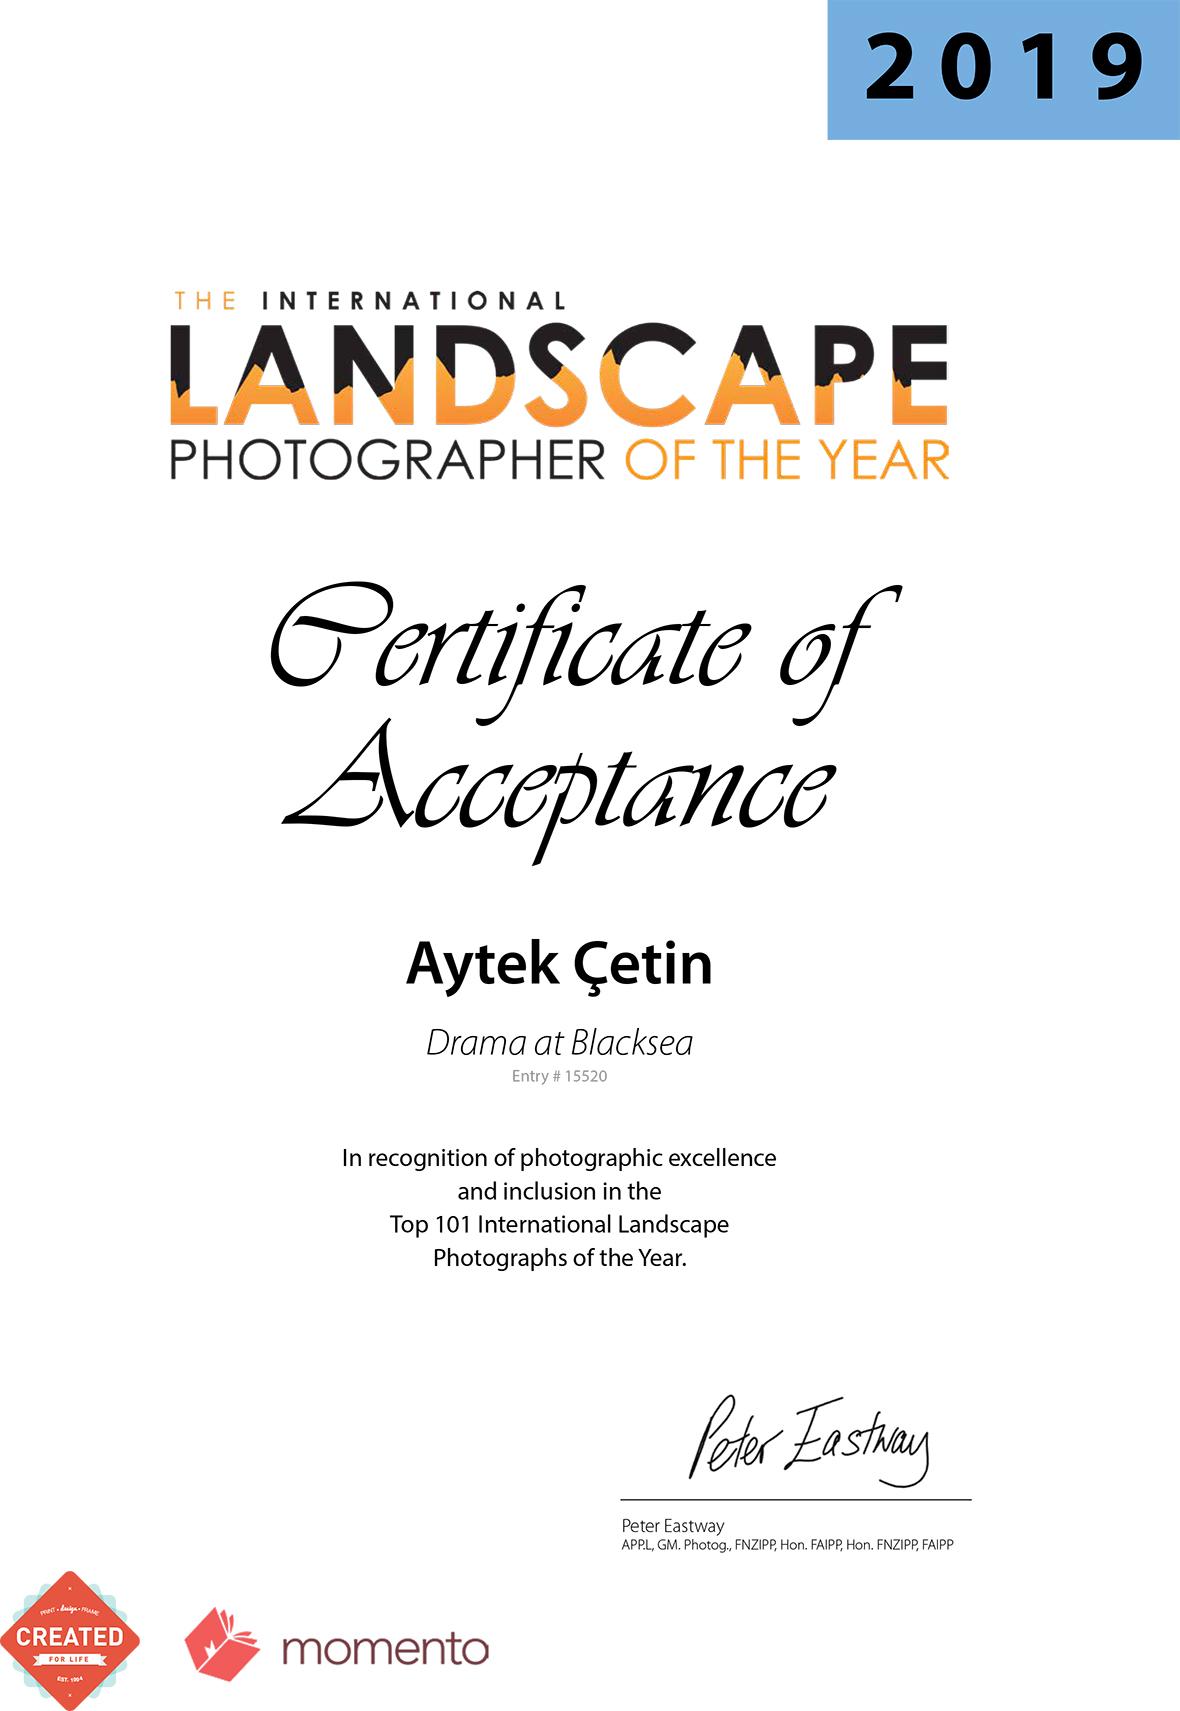 Aytek ÇetinLPOTYAwardCertificate2019_05 (1)